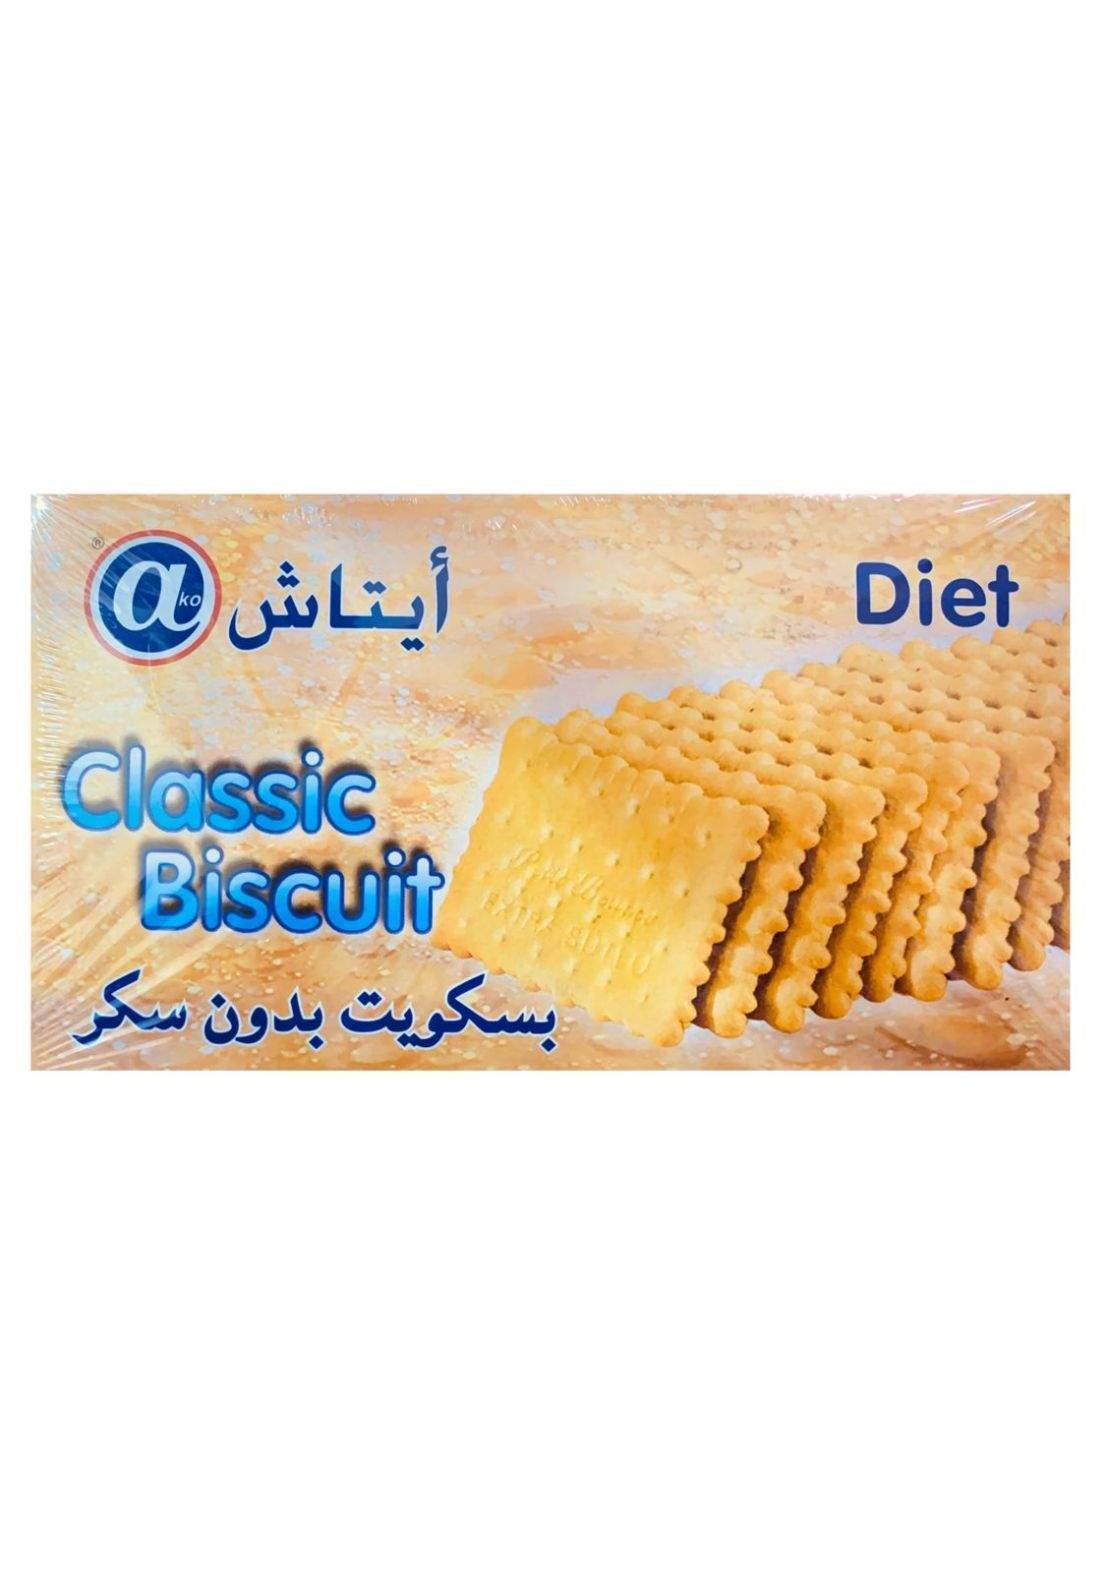 Classic Sugar-free Biscuits إيتاش بسكويت بدون سكر